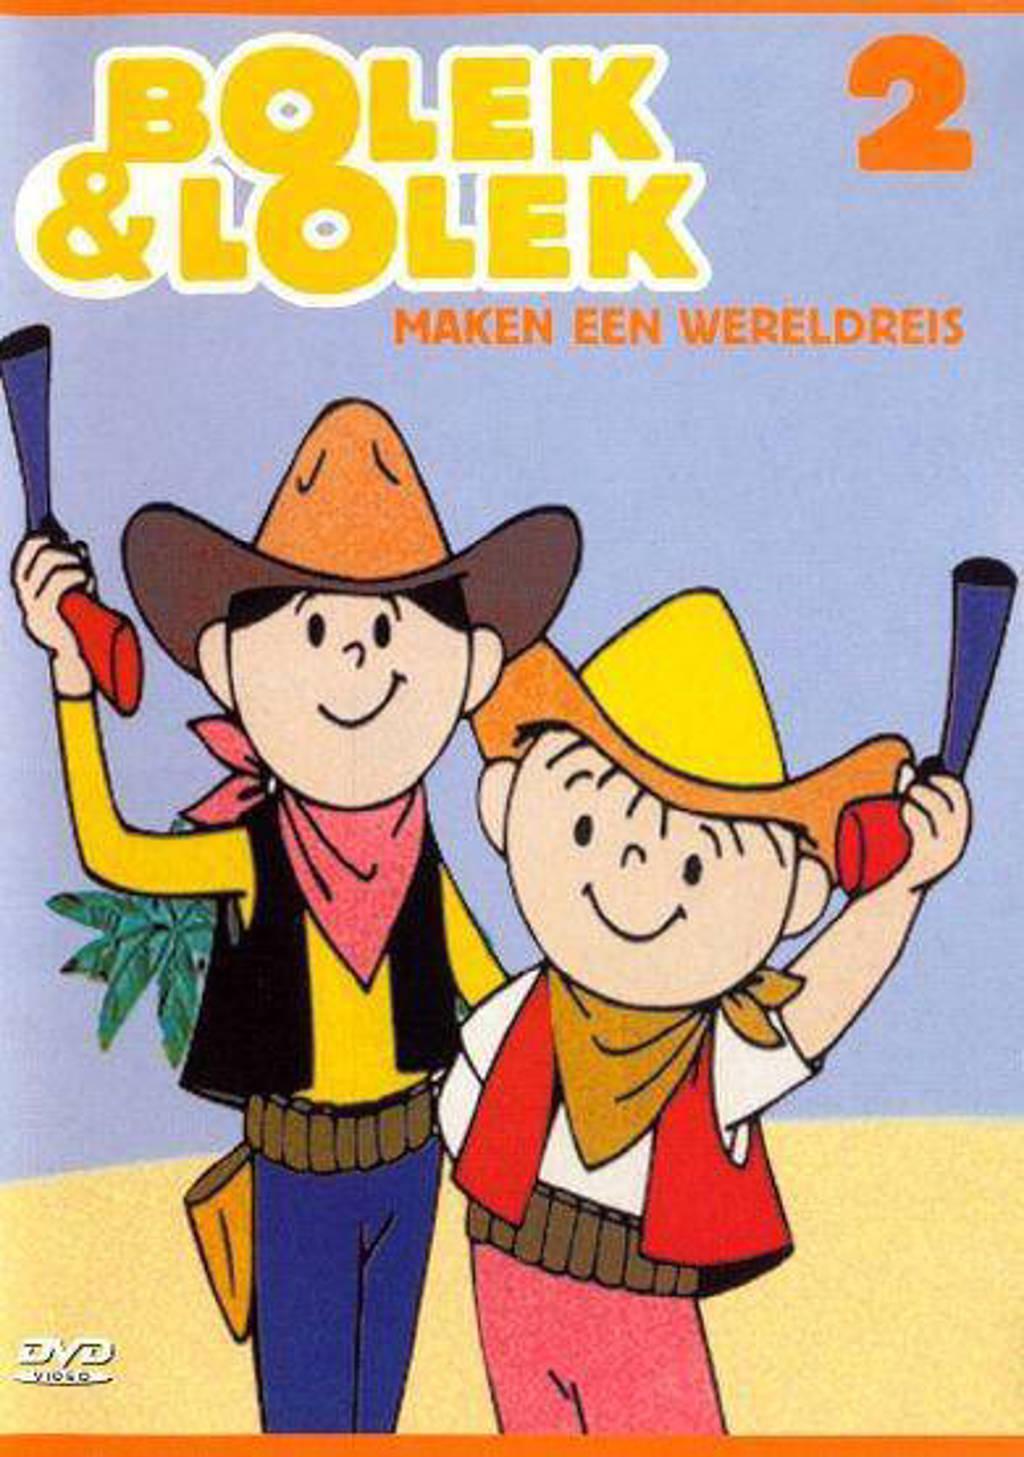 Bolek & Lolek 2 (DVD)